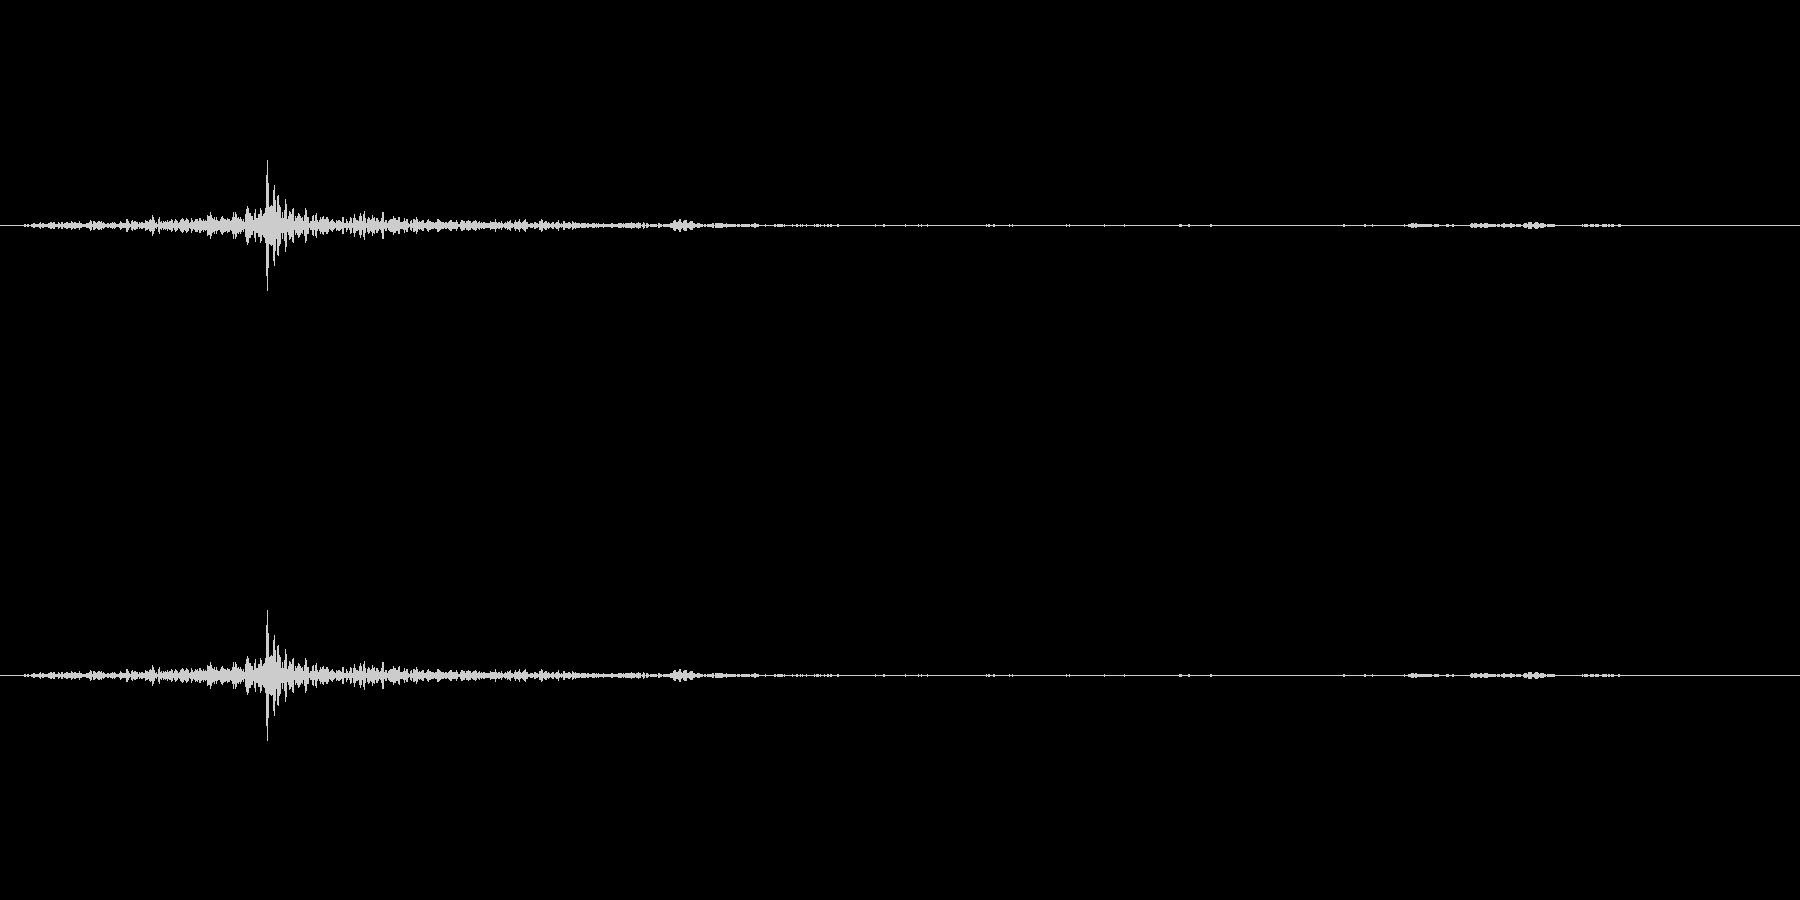 【生音】ガシャン!という鍵を回す音の未再生の波形